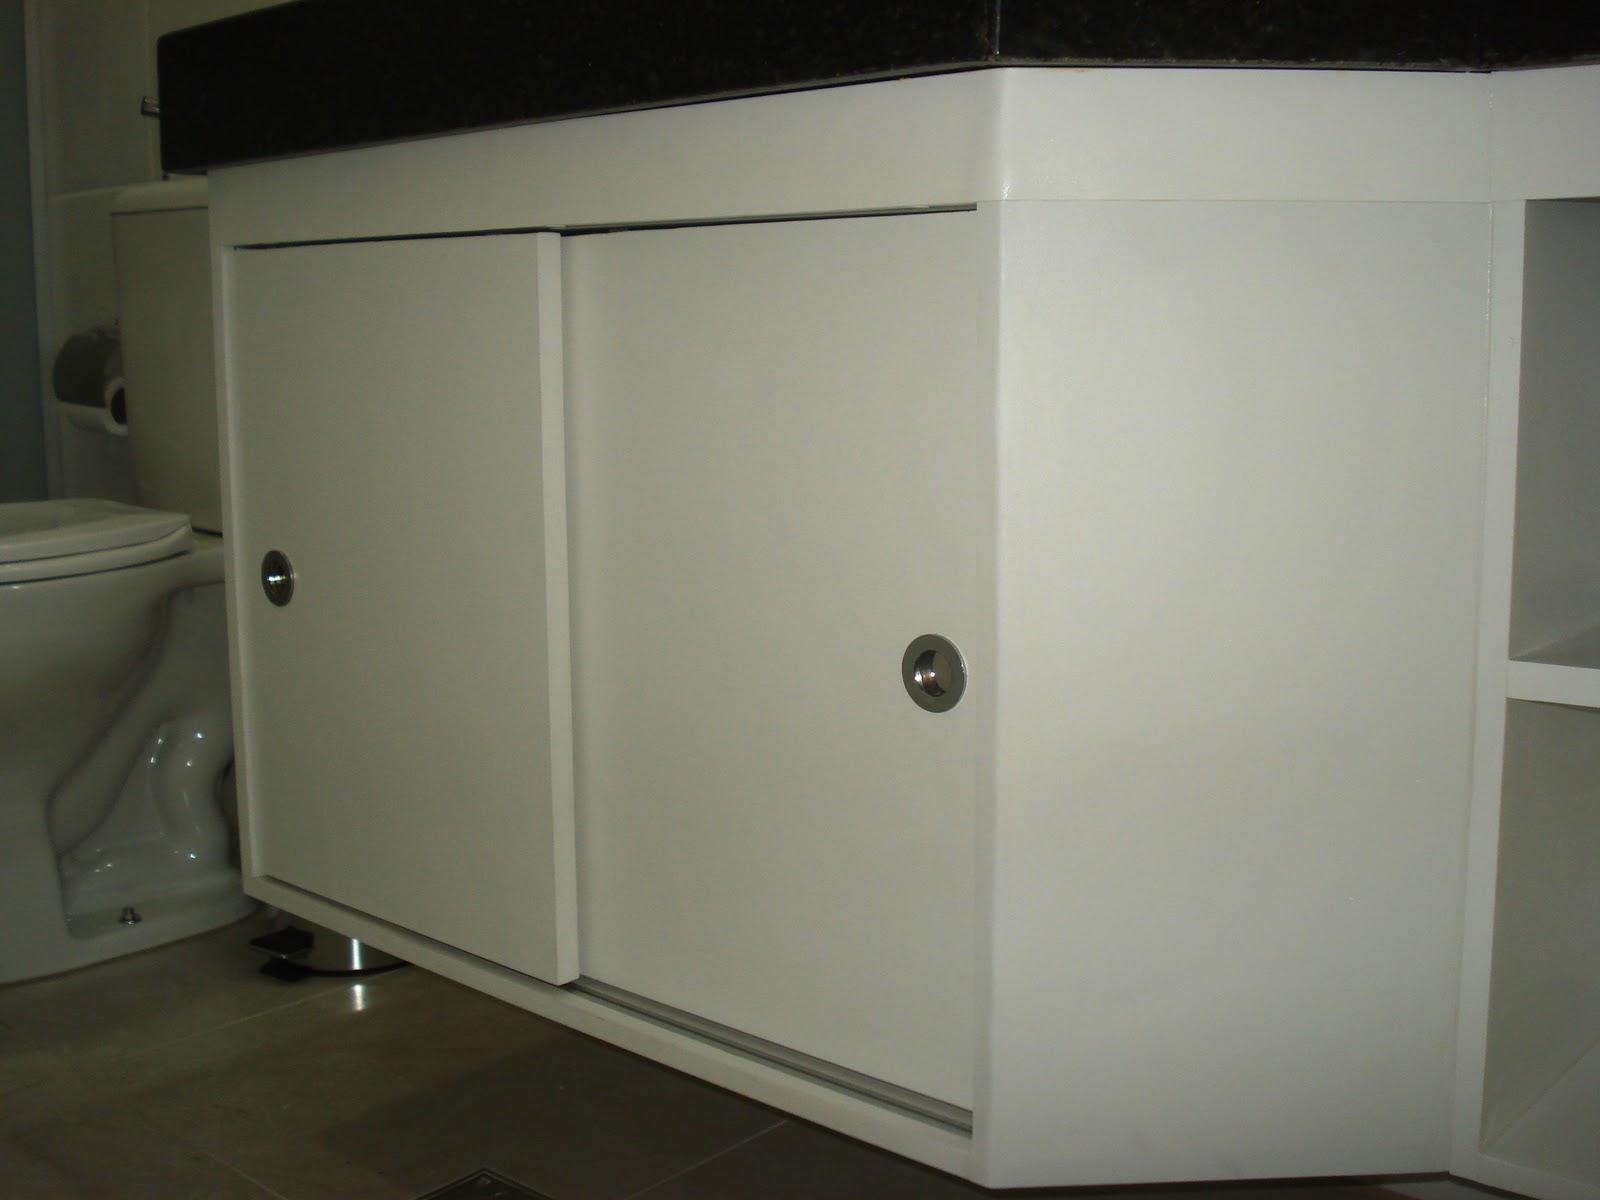 Planejados: Armário de Banheiro Branco com Portas de Correr #2B2A21 1600x1200 Banheiro Com 2 Portas